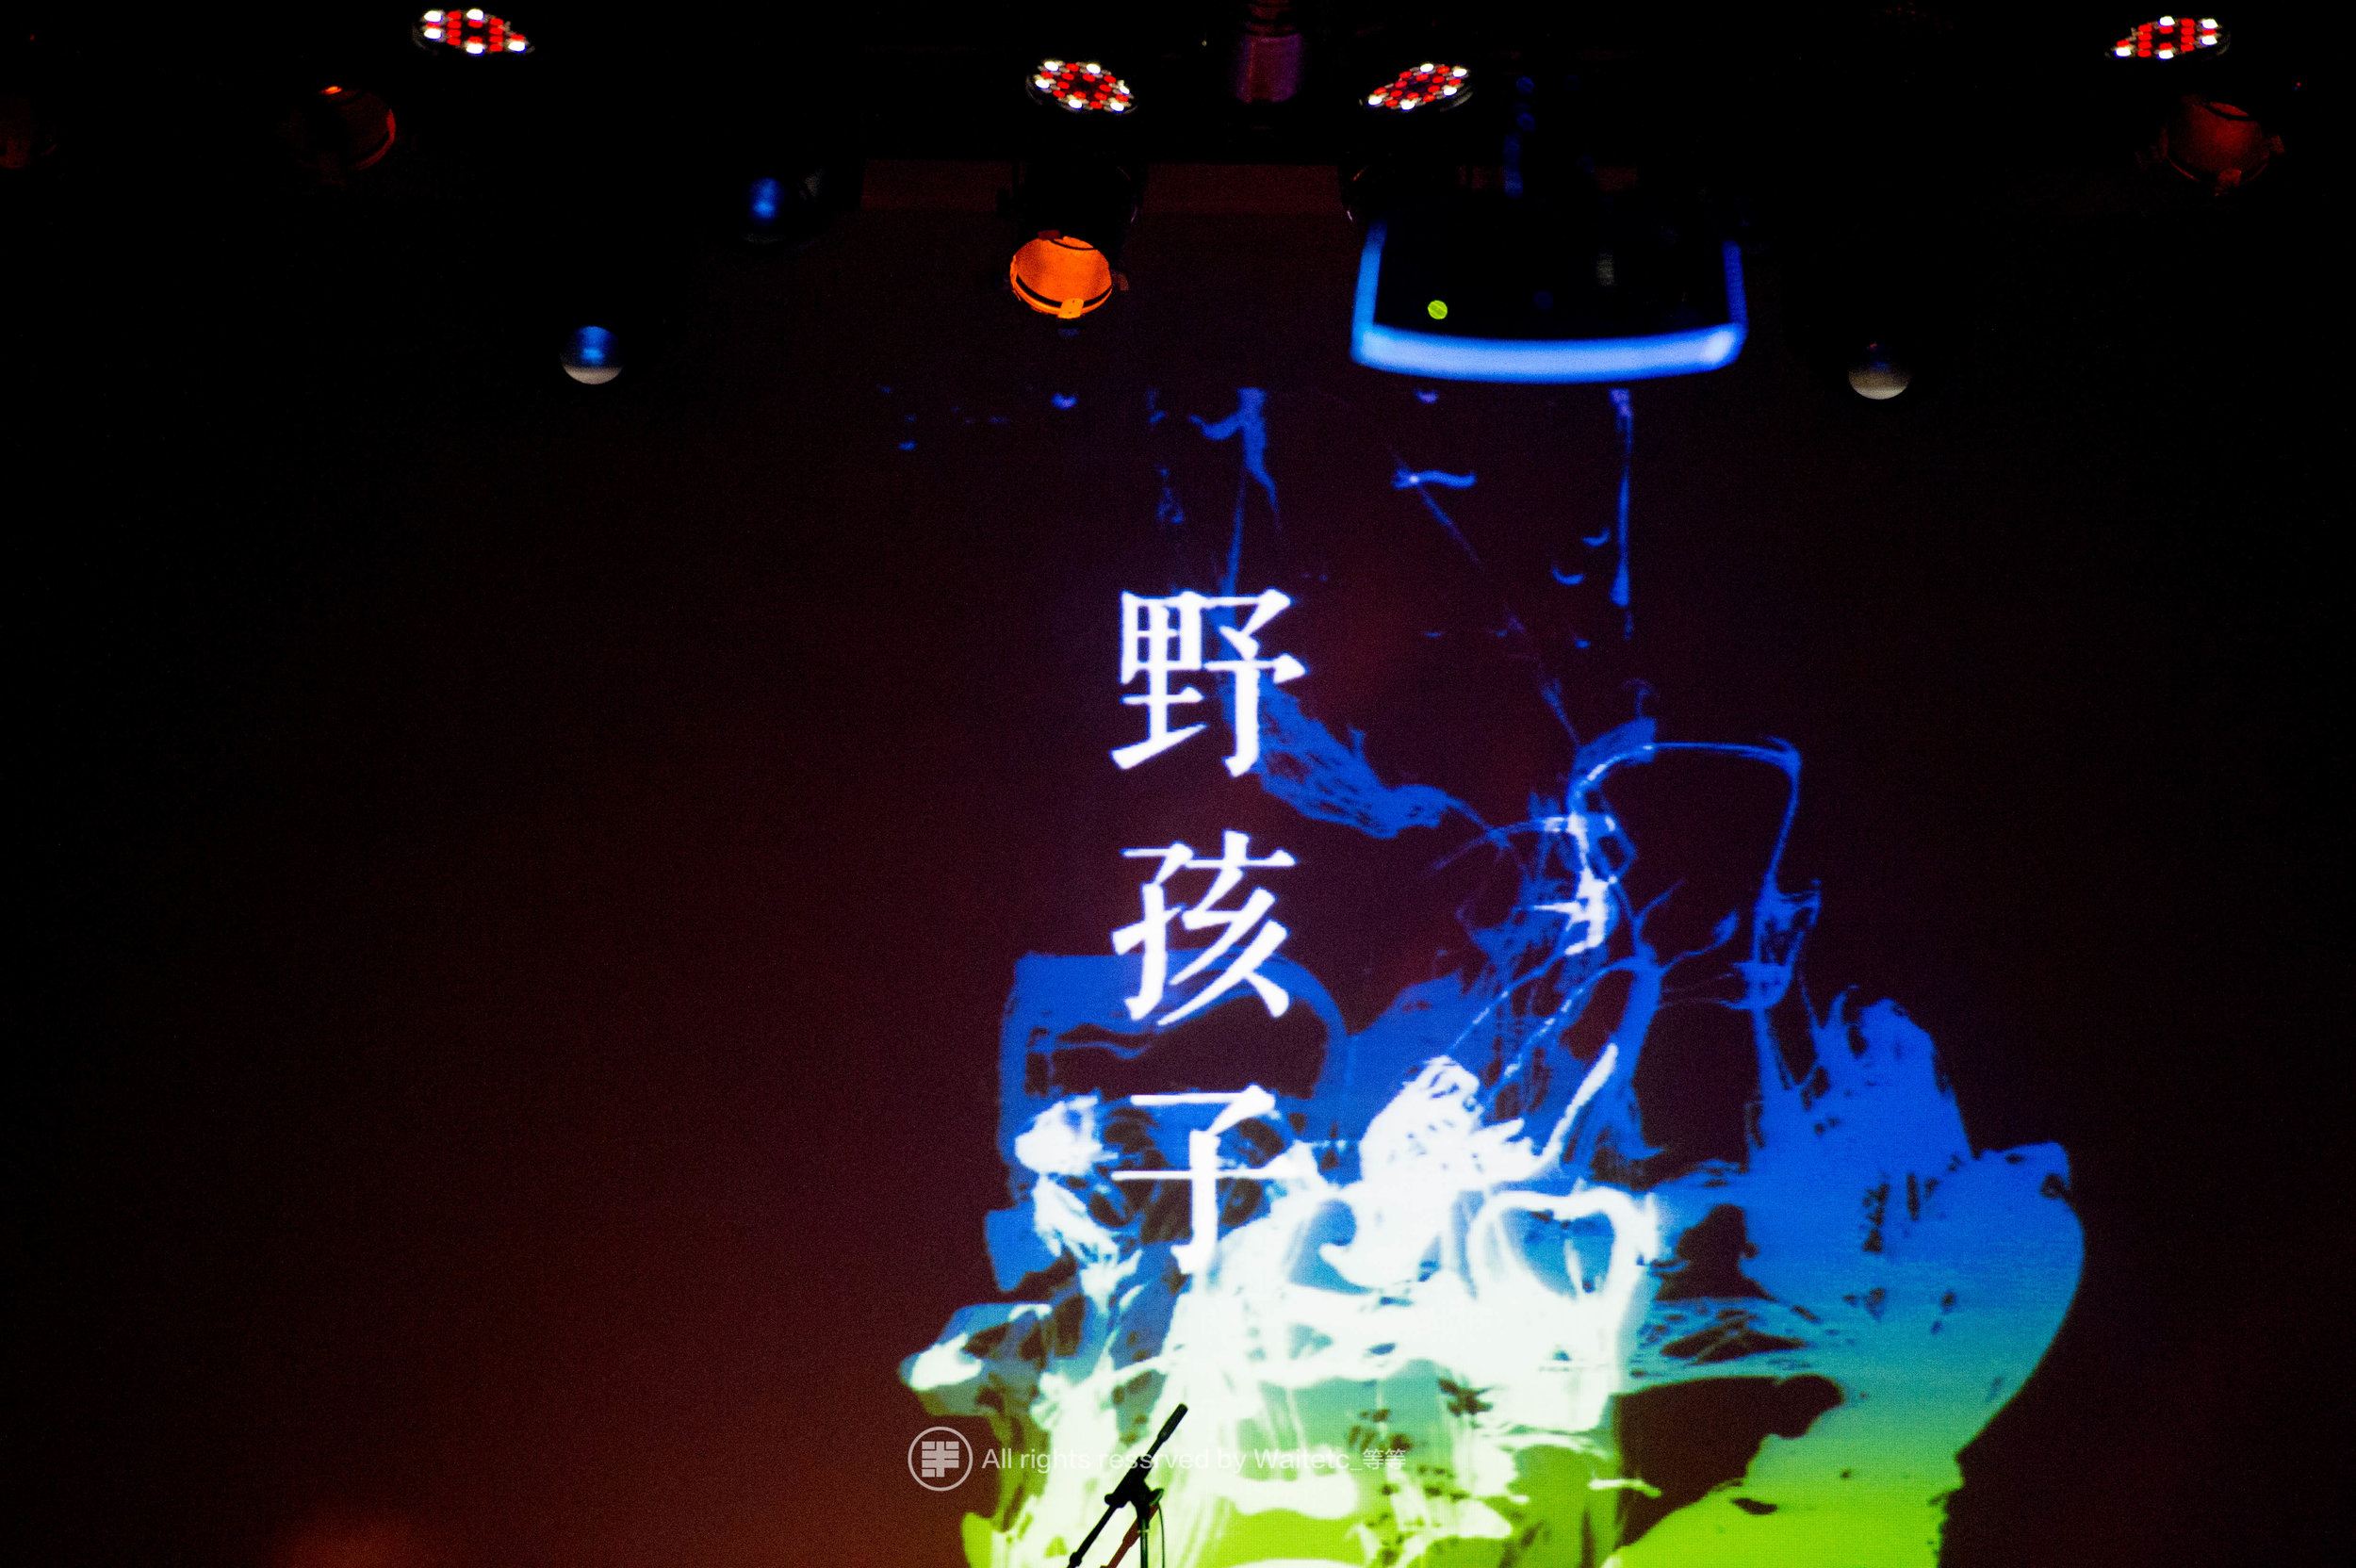 摄影:Waitetc_等等-89.jpg